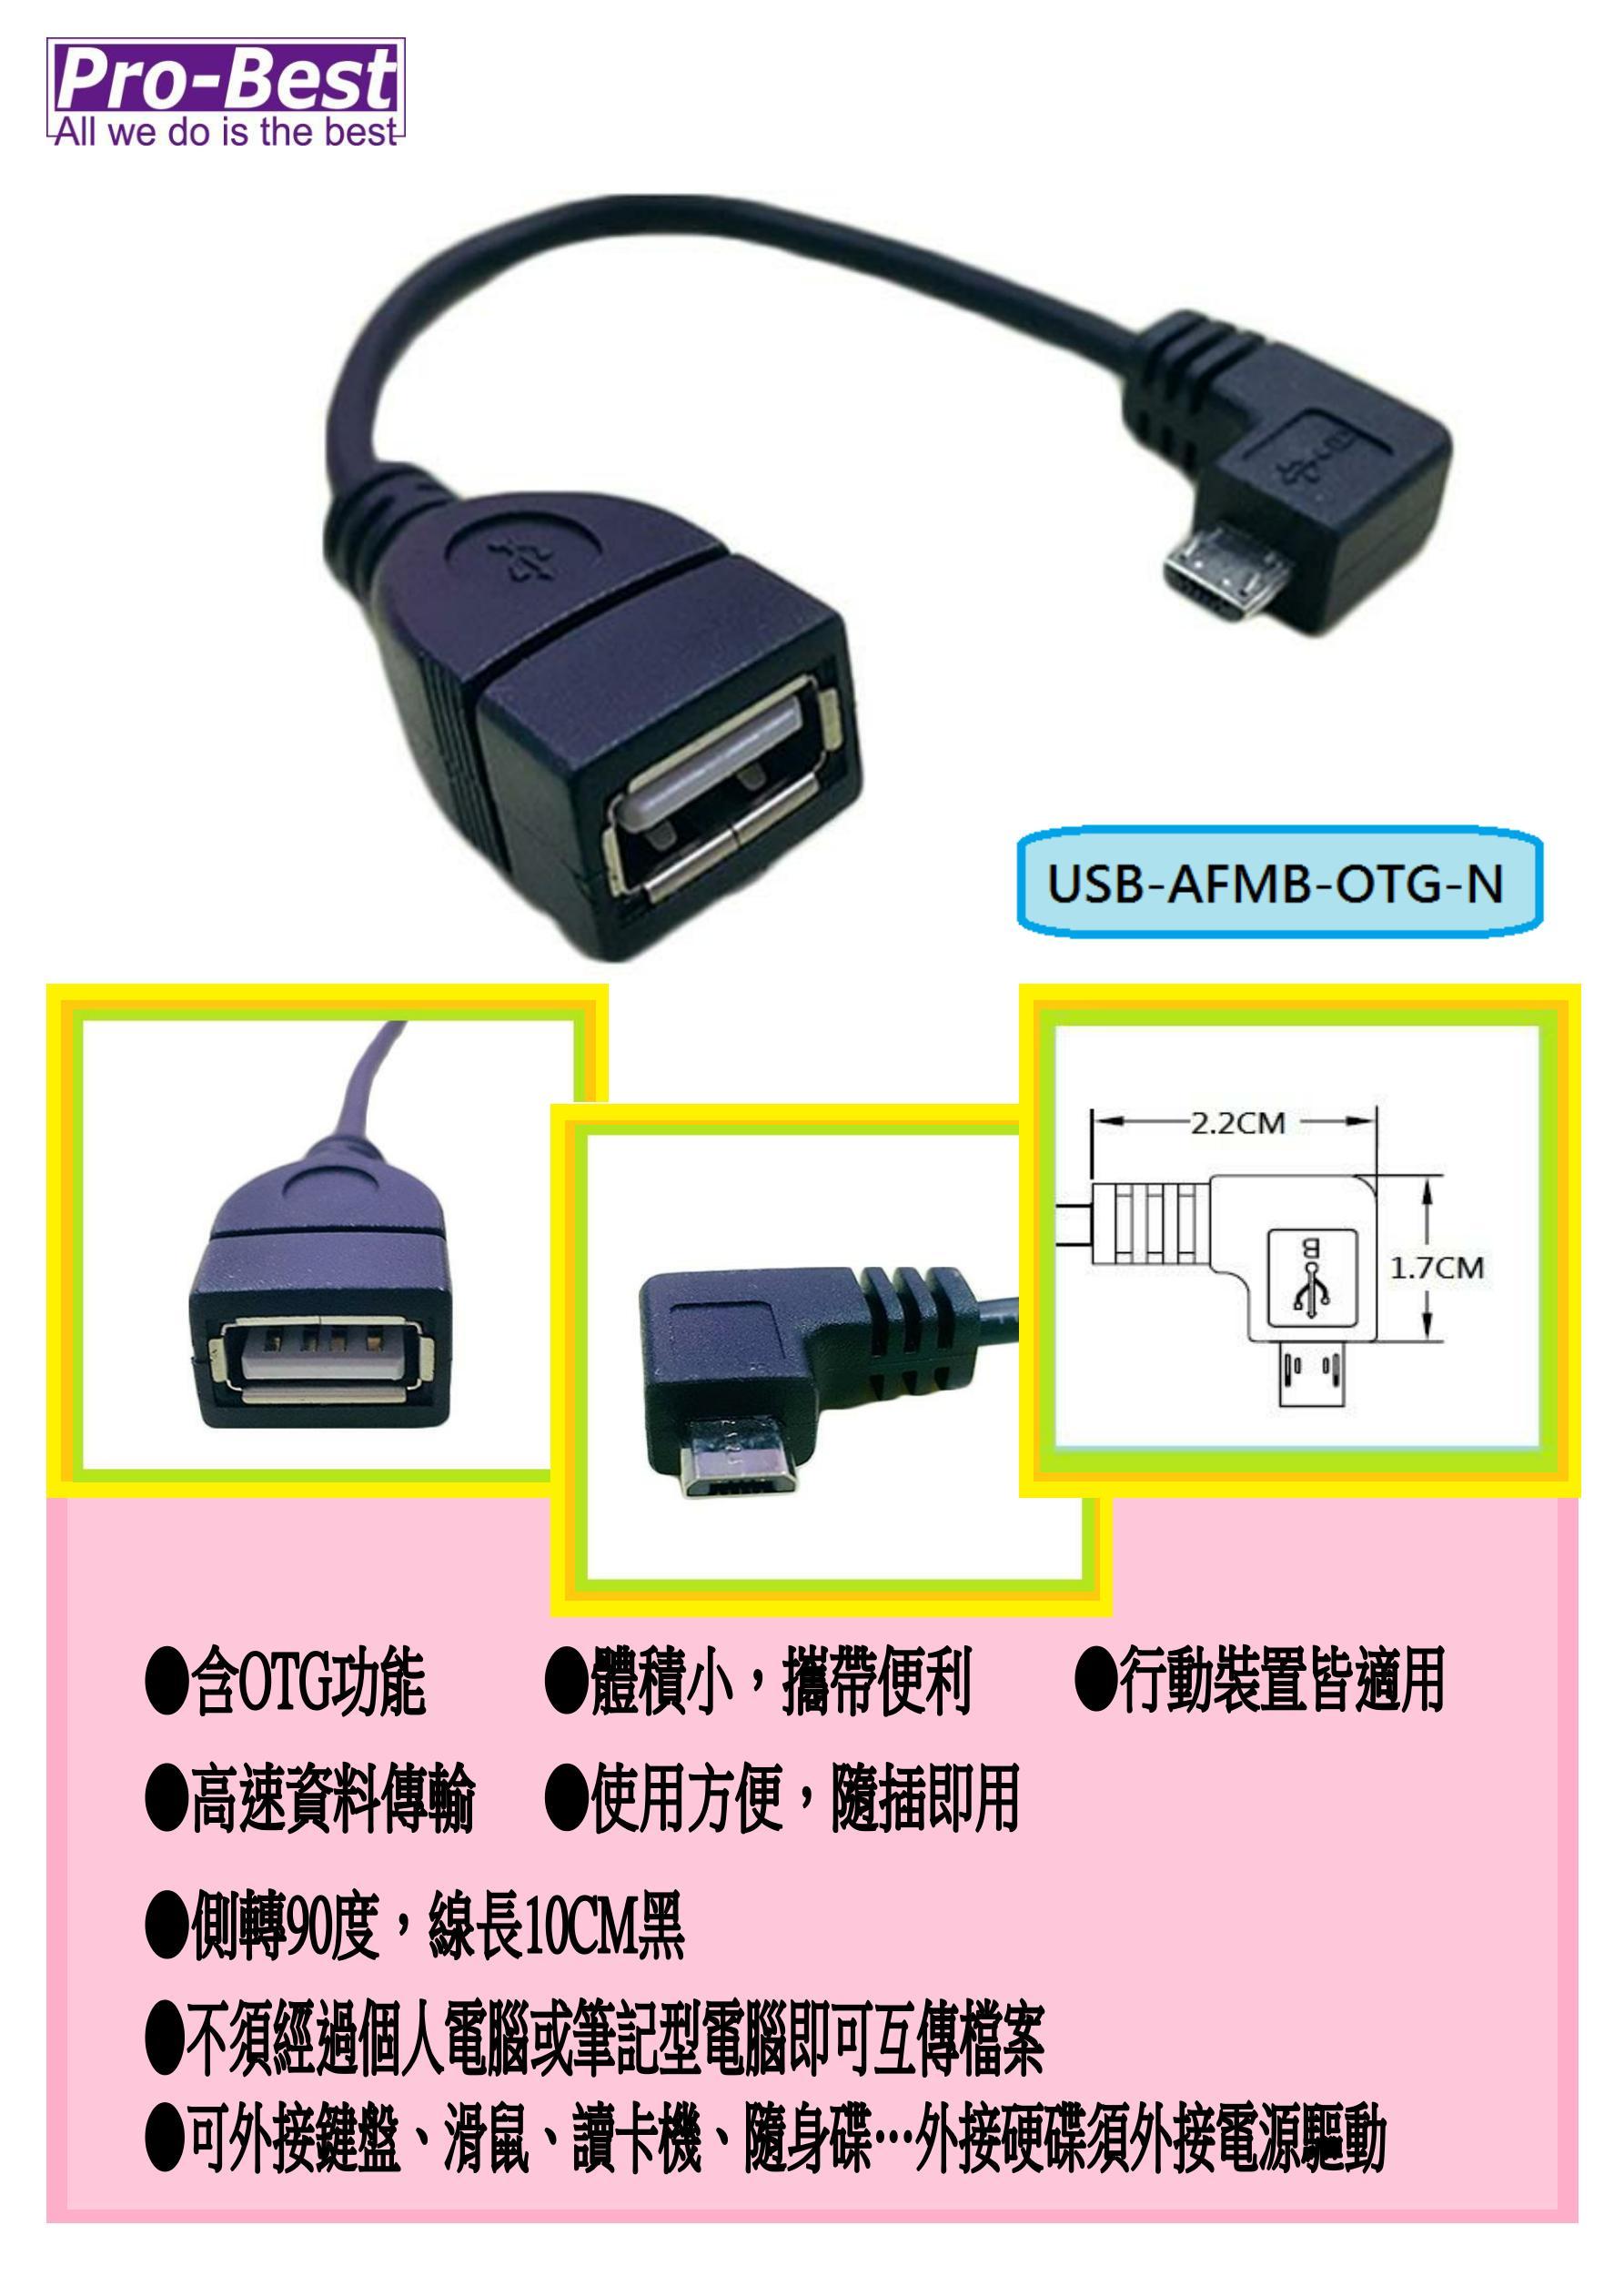 USB-AFMB-OTG-N(EDM)_1